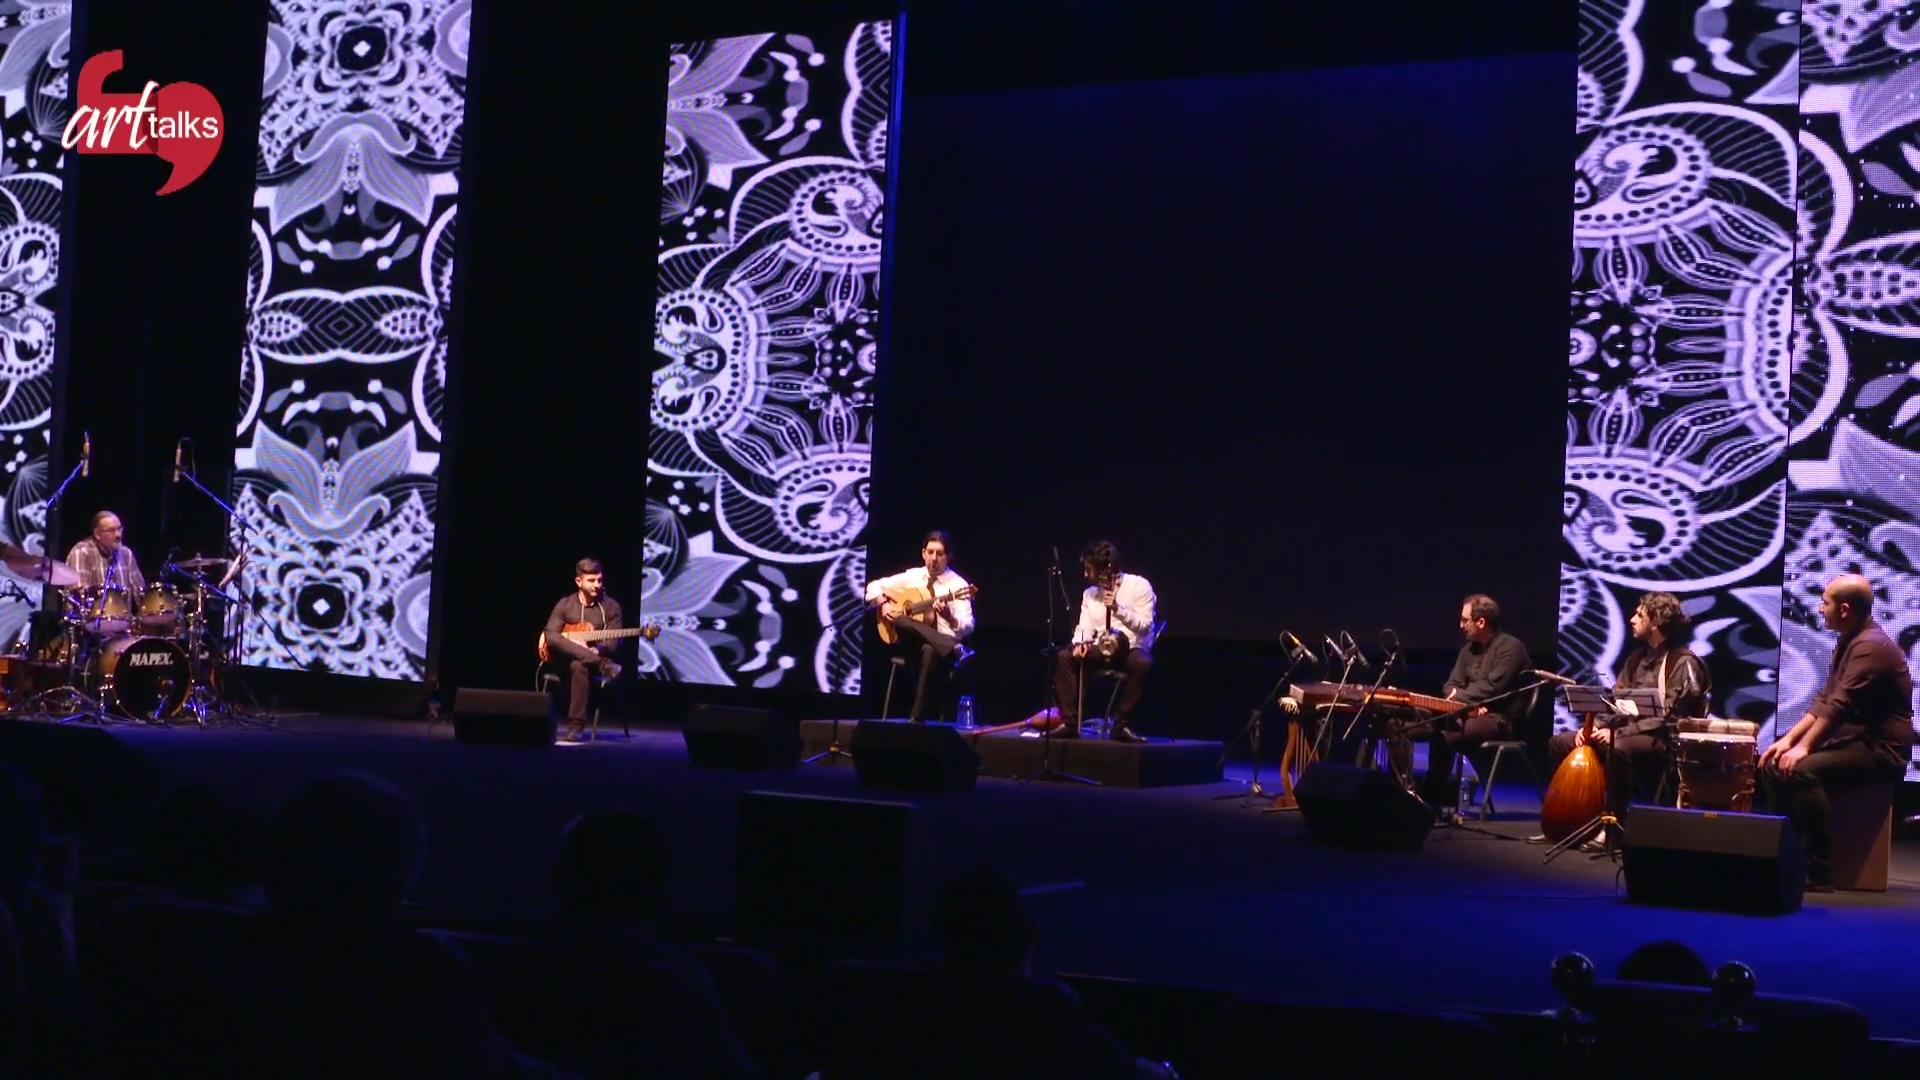 تک تاکس - گزارش کنسرت سهراب پورناظری و آنتونیو ری در جشنواره موسیقی فجر 6 - techtalks.ir